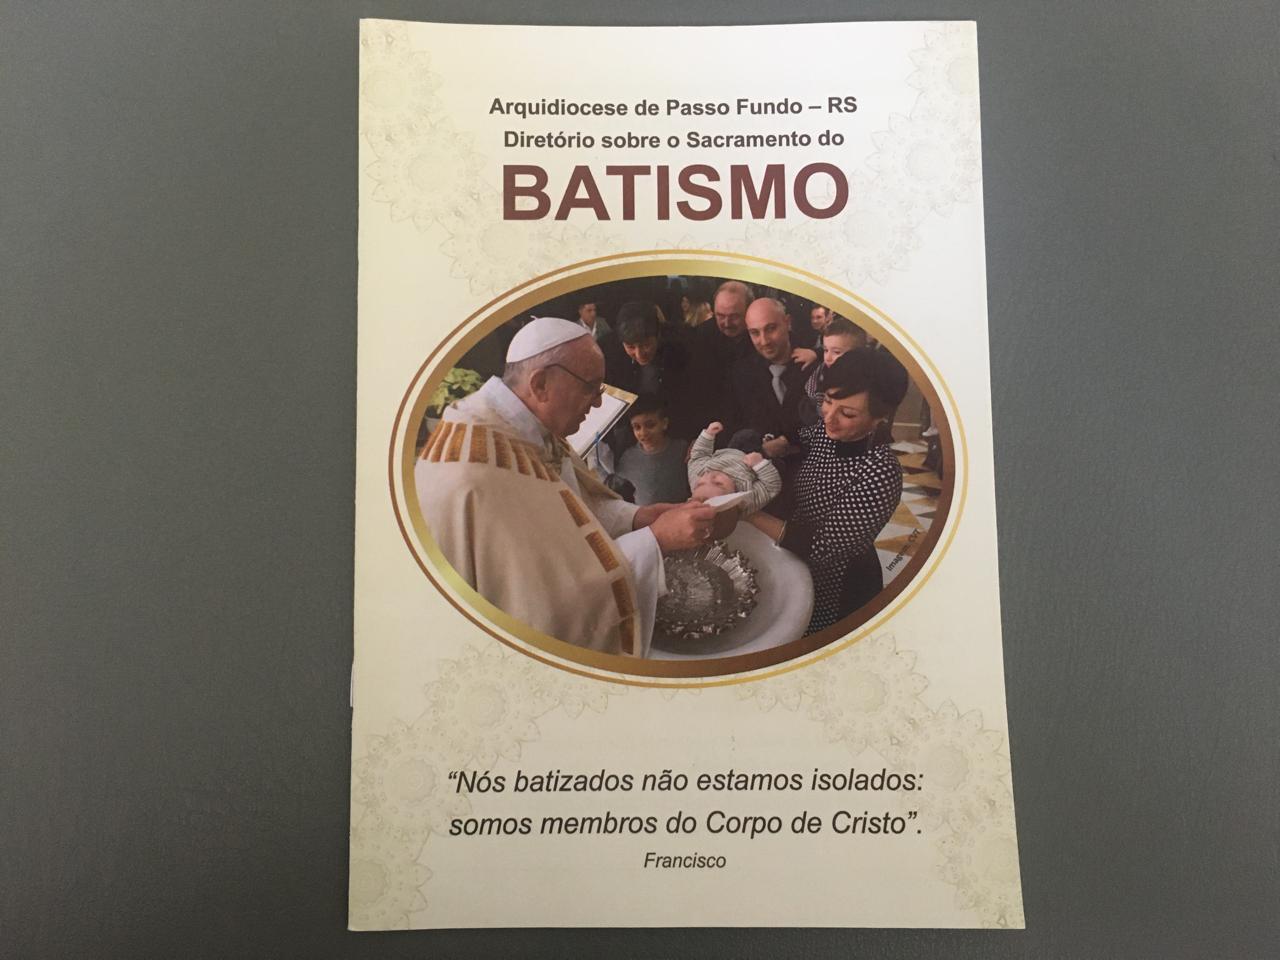 Diretório sobre o Sacramento do Batismo